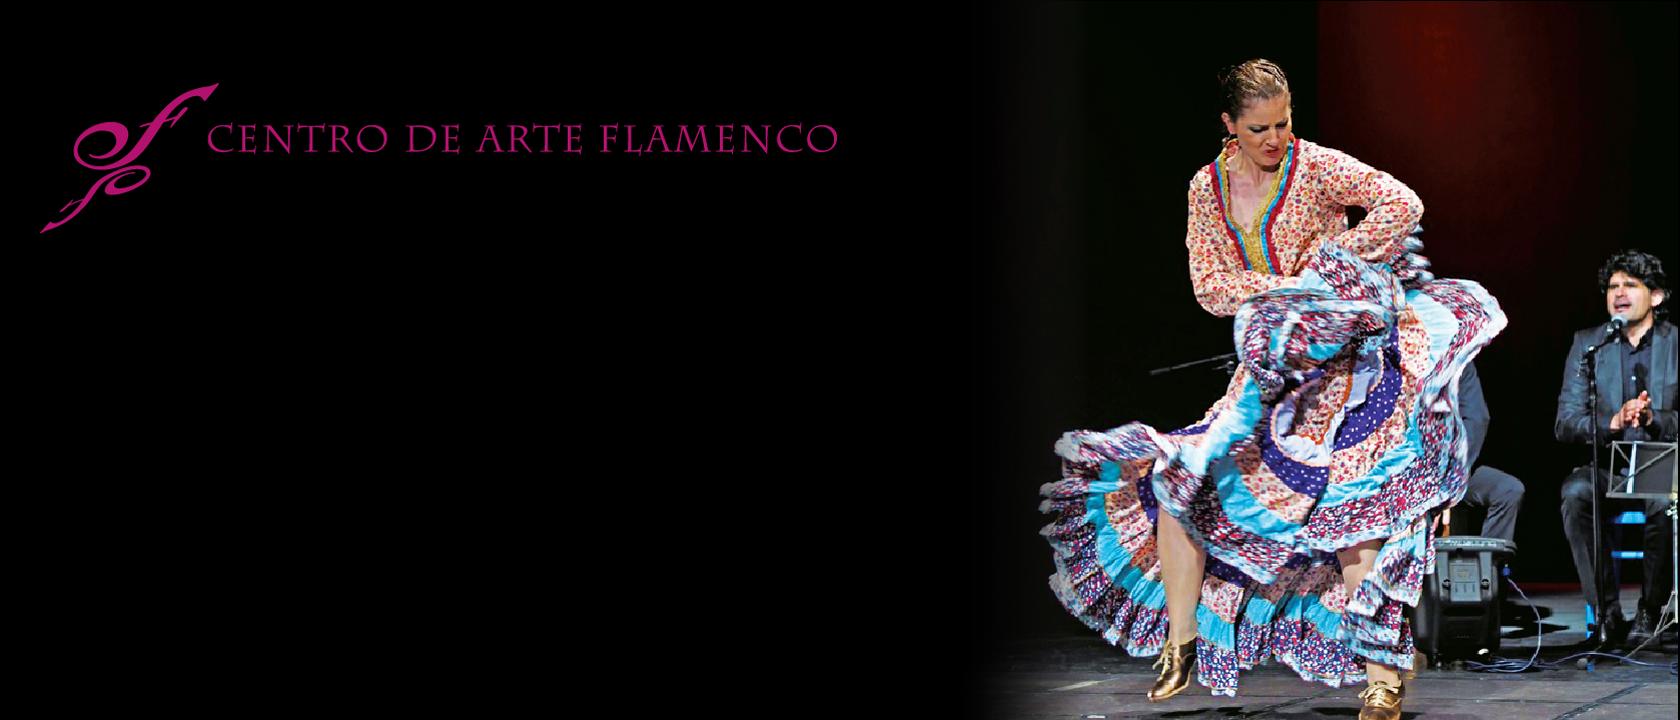 Verano Flamenco 2016